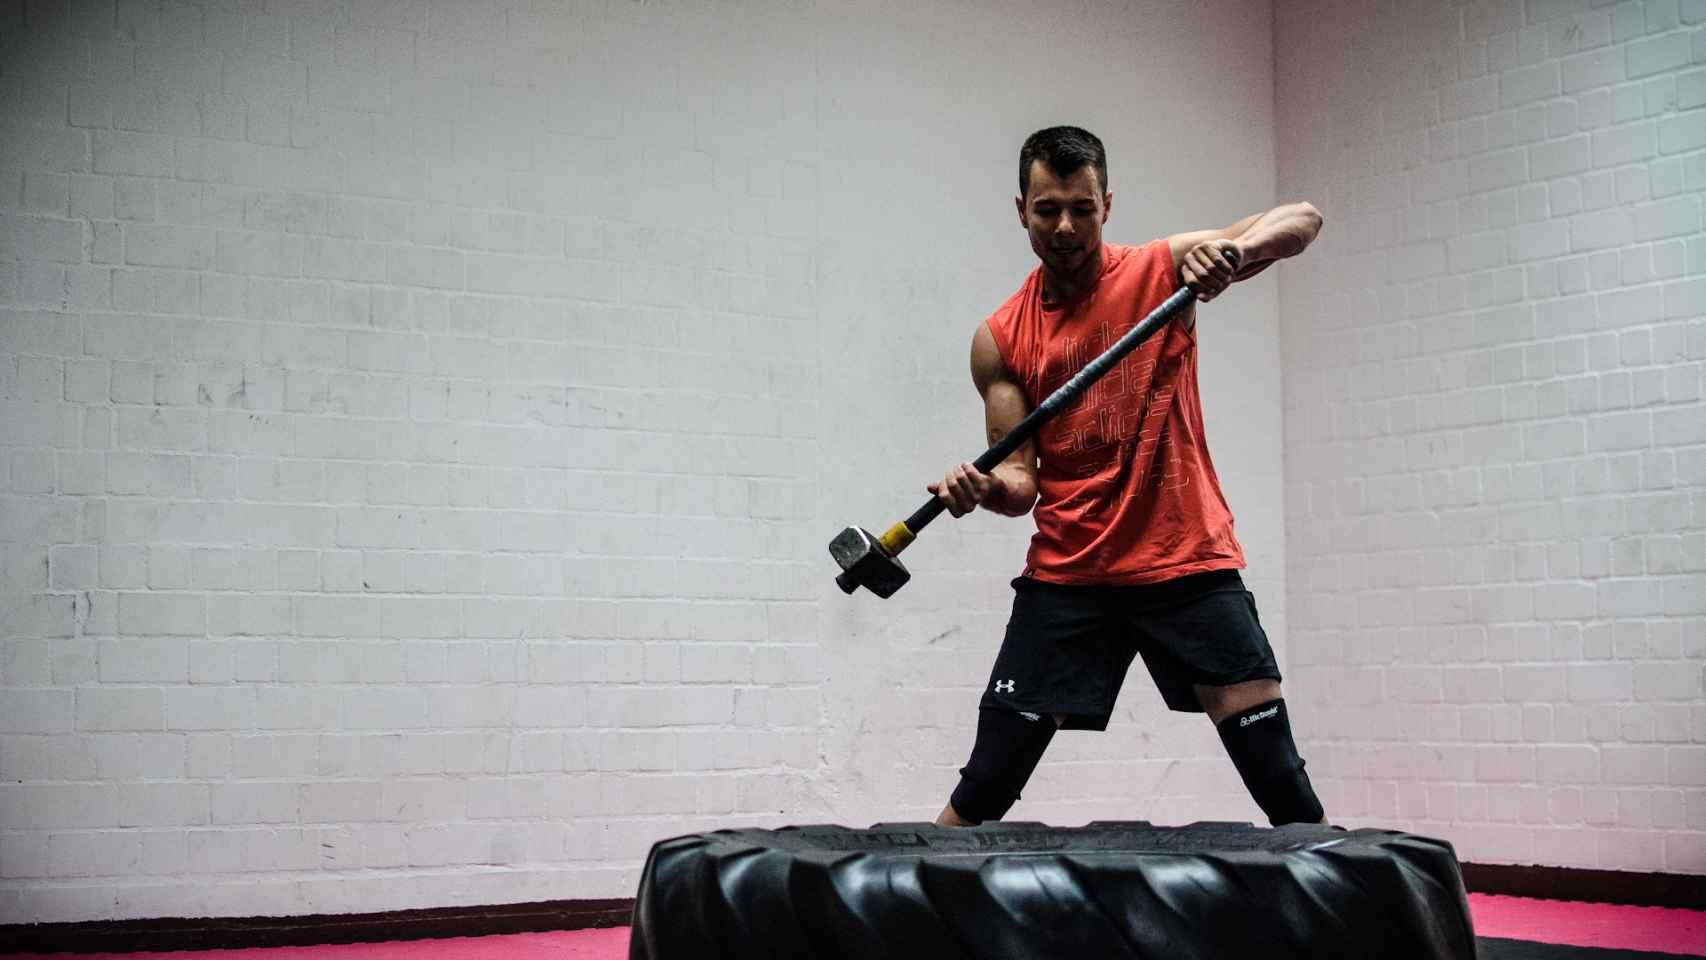 Un practicante de CrossFit.